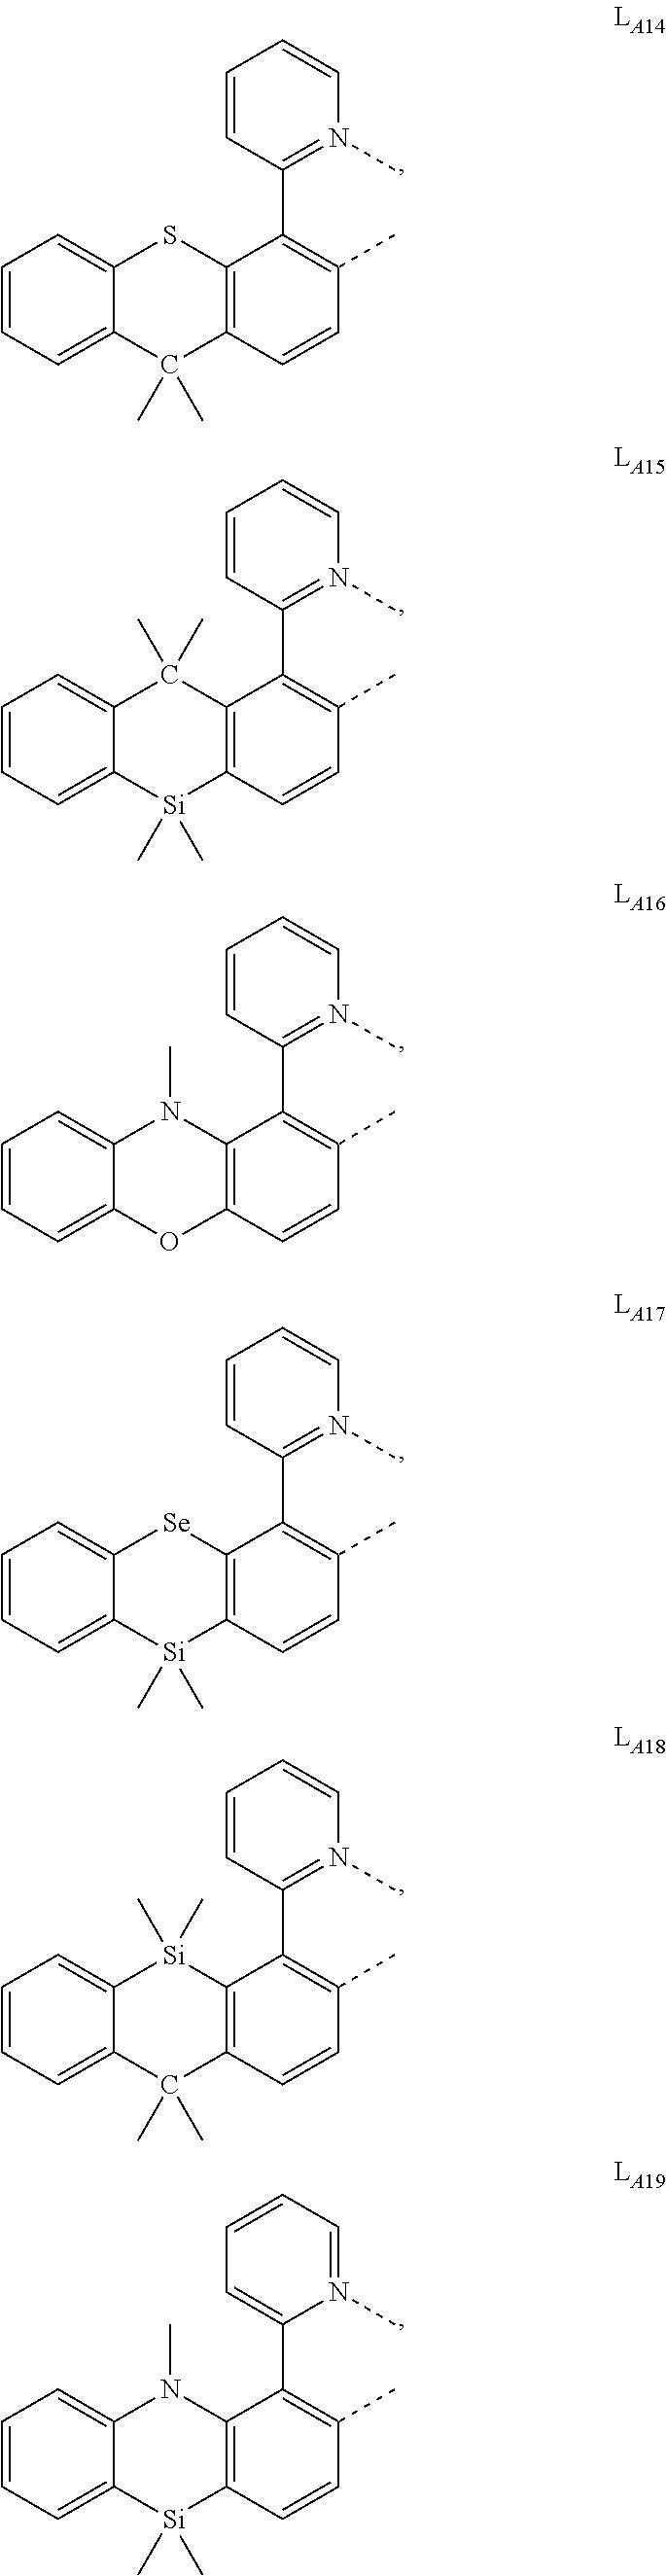 Figure US10153443-20181211-C00010